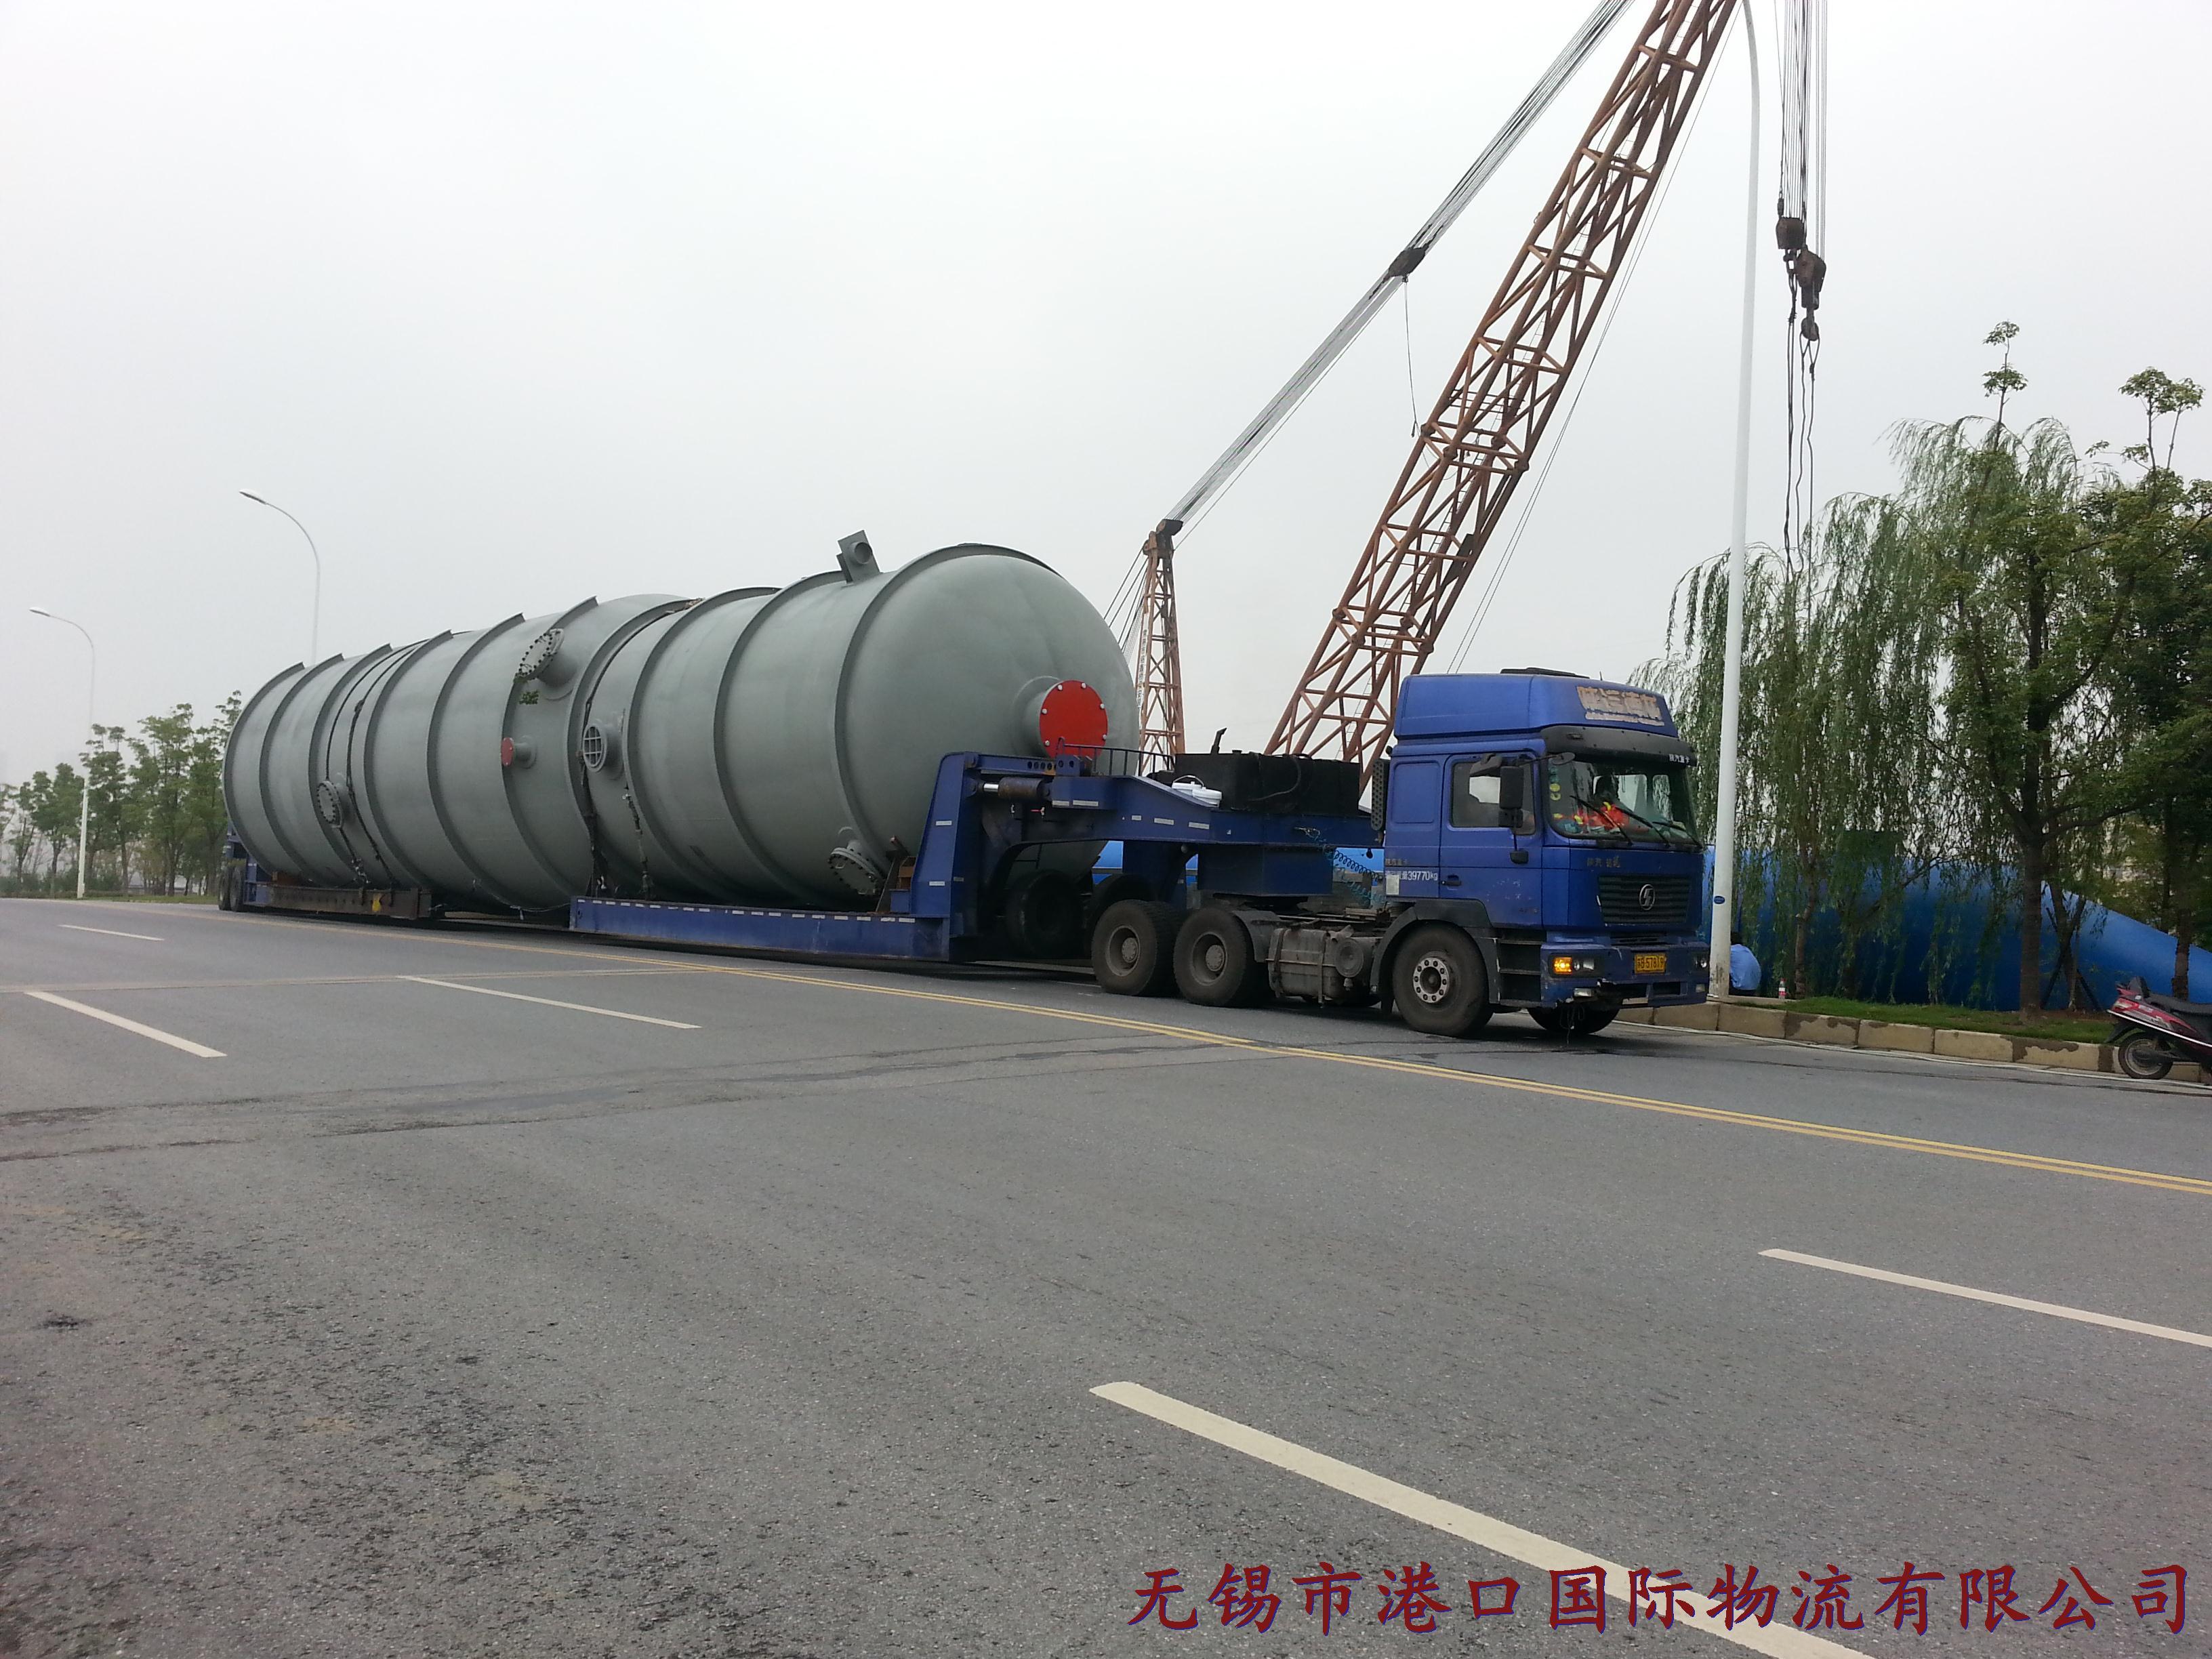 港口国际物流大型容器运输